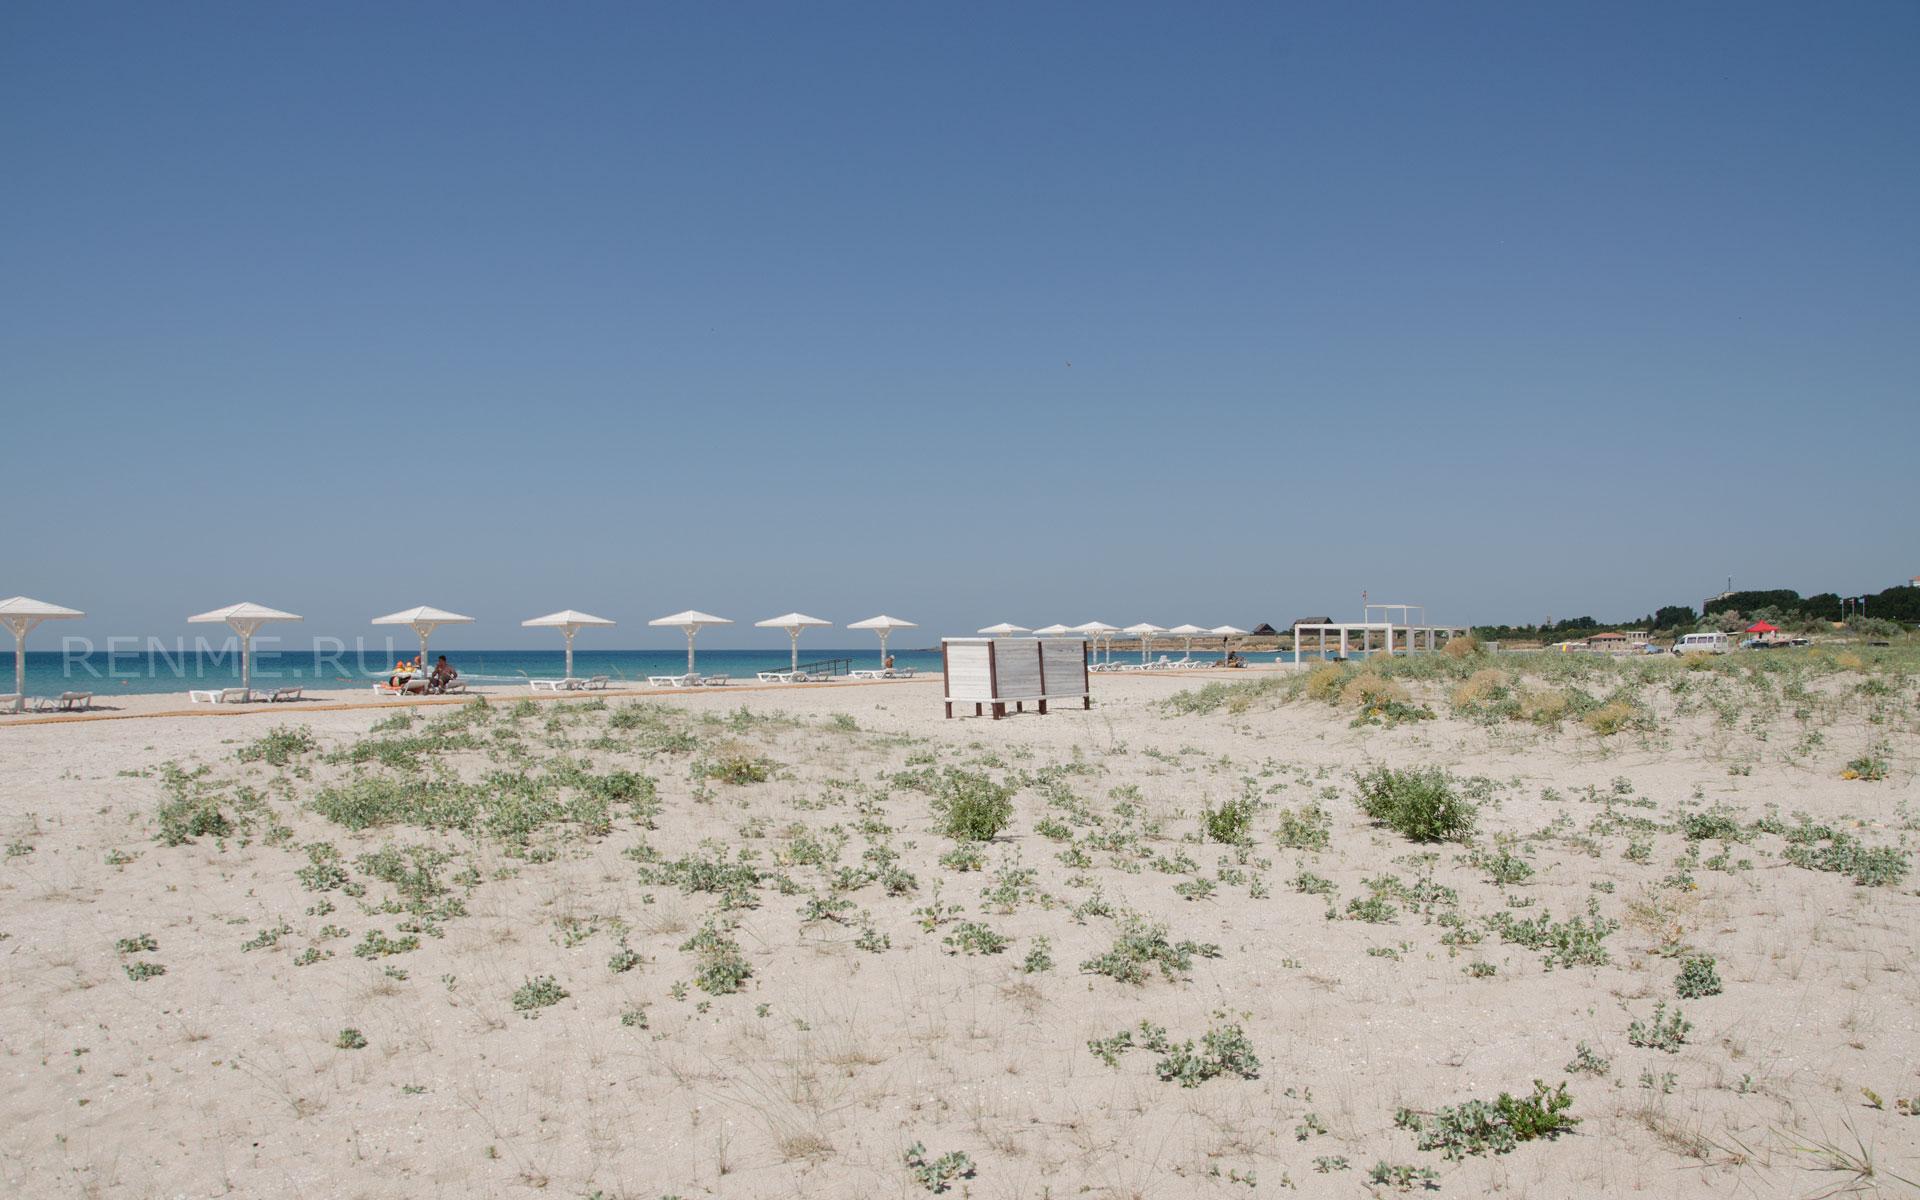 Оборудованный песчаный пляж на Терханкуте. Фото Оленевки